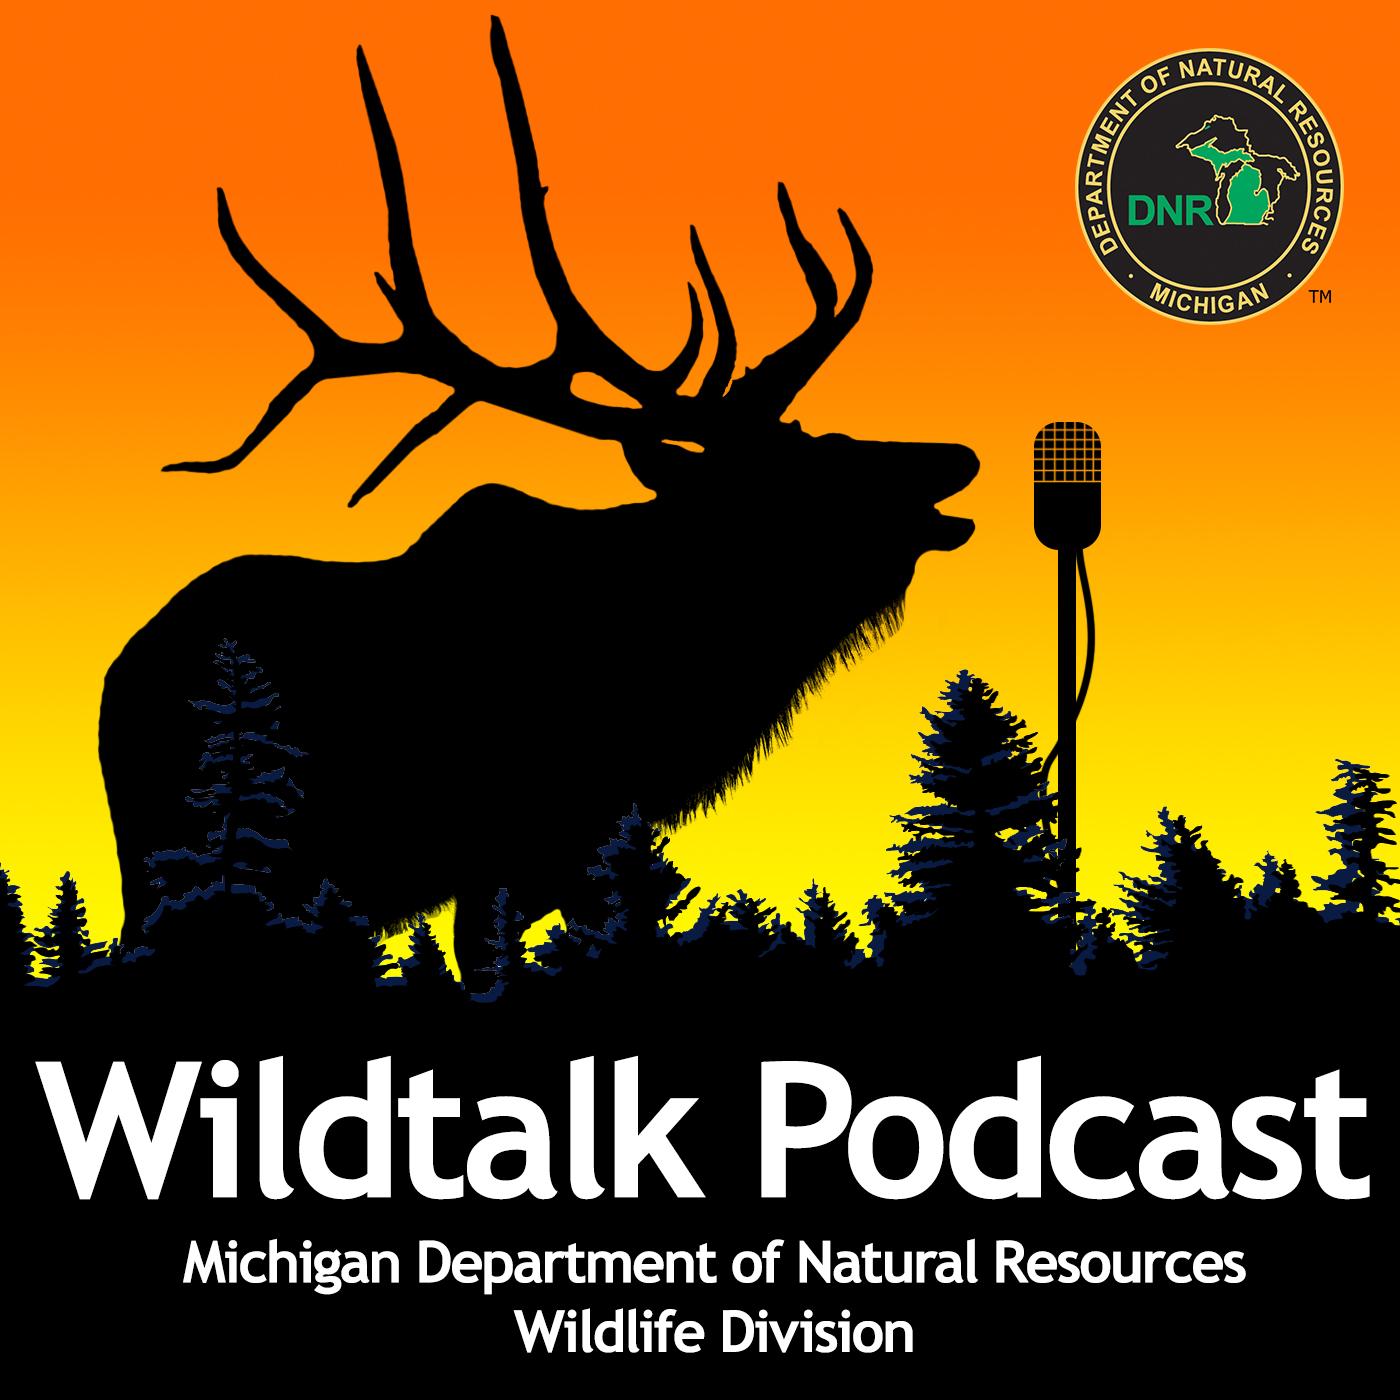 wildtalk_logo_624267_7.jpg